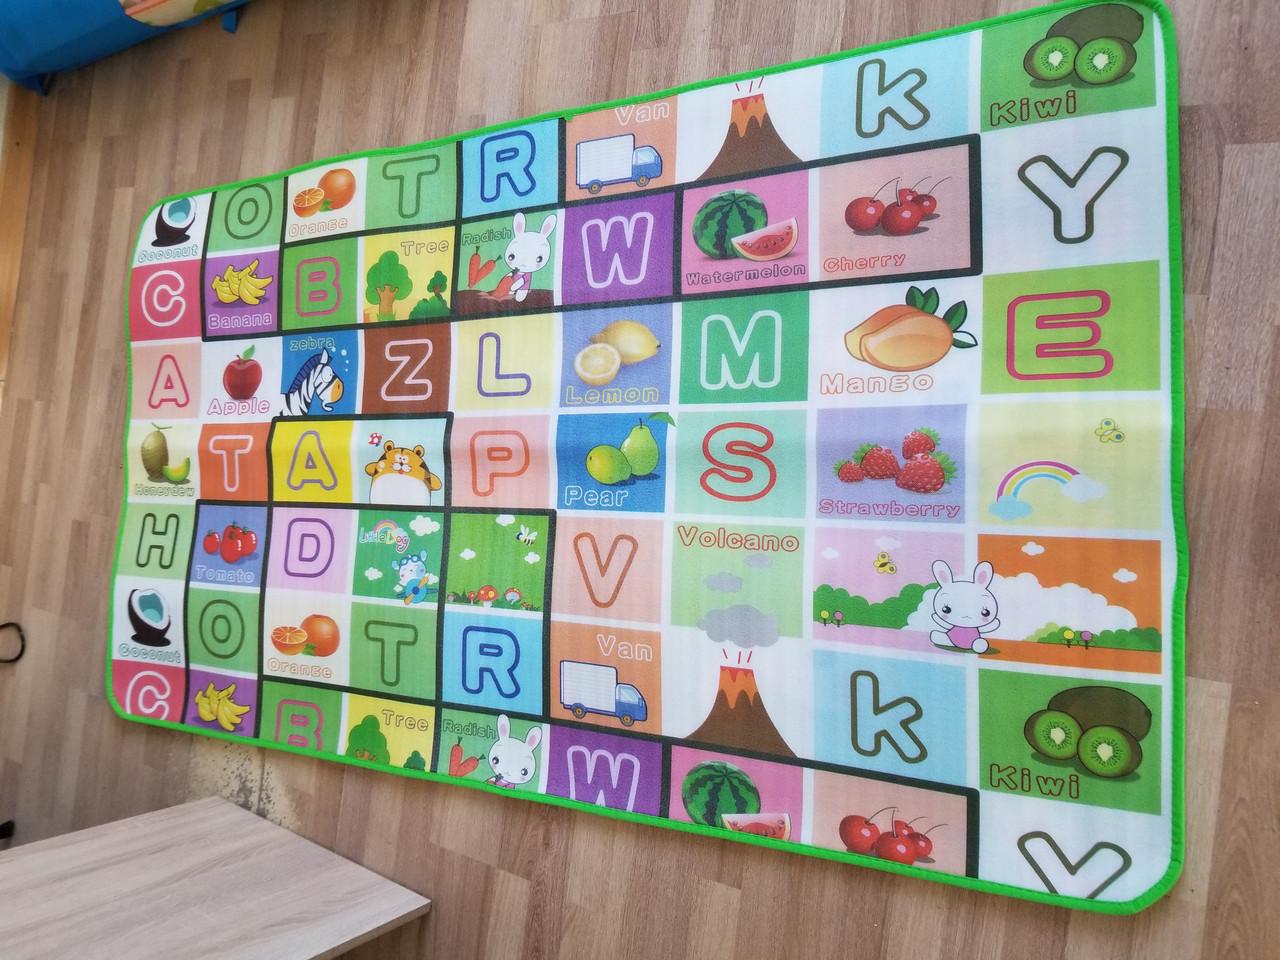 Детский напольный тканевый коврик Английский алфавит Животные Цифры игровой развивающий мягкий 5 мм, 2*1,8 м